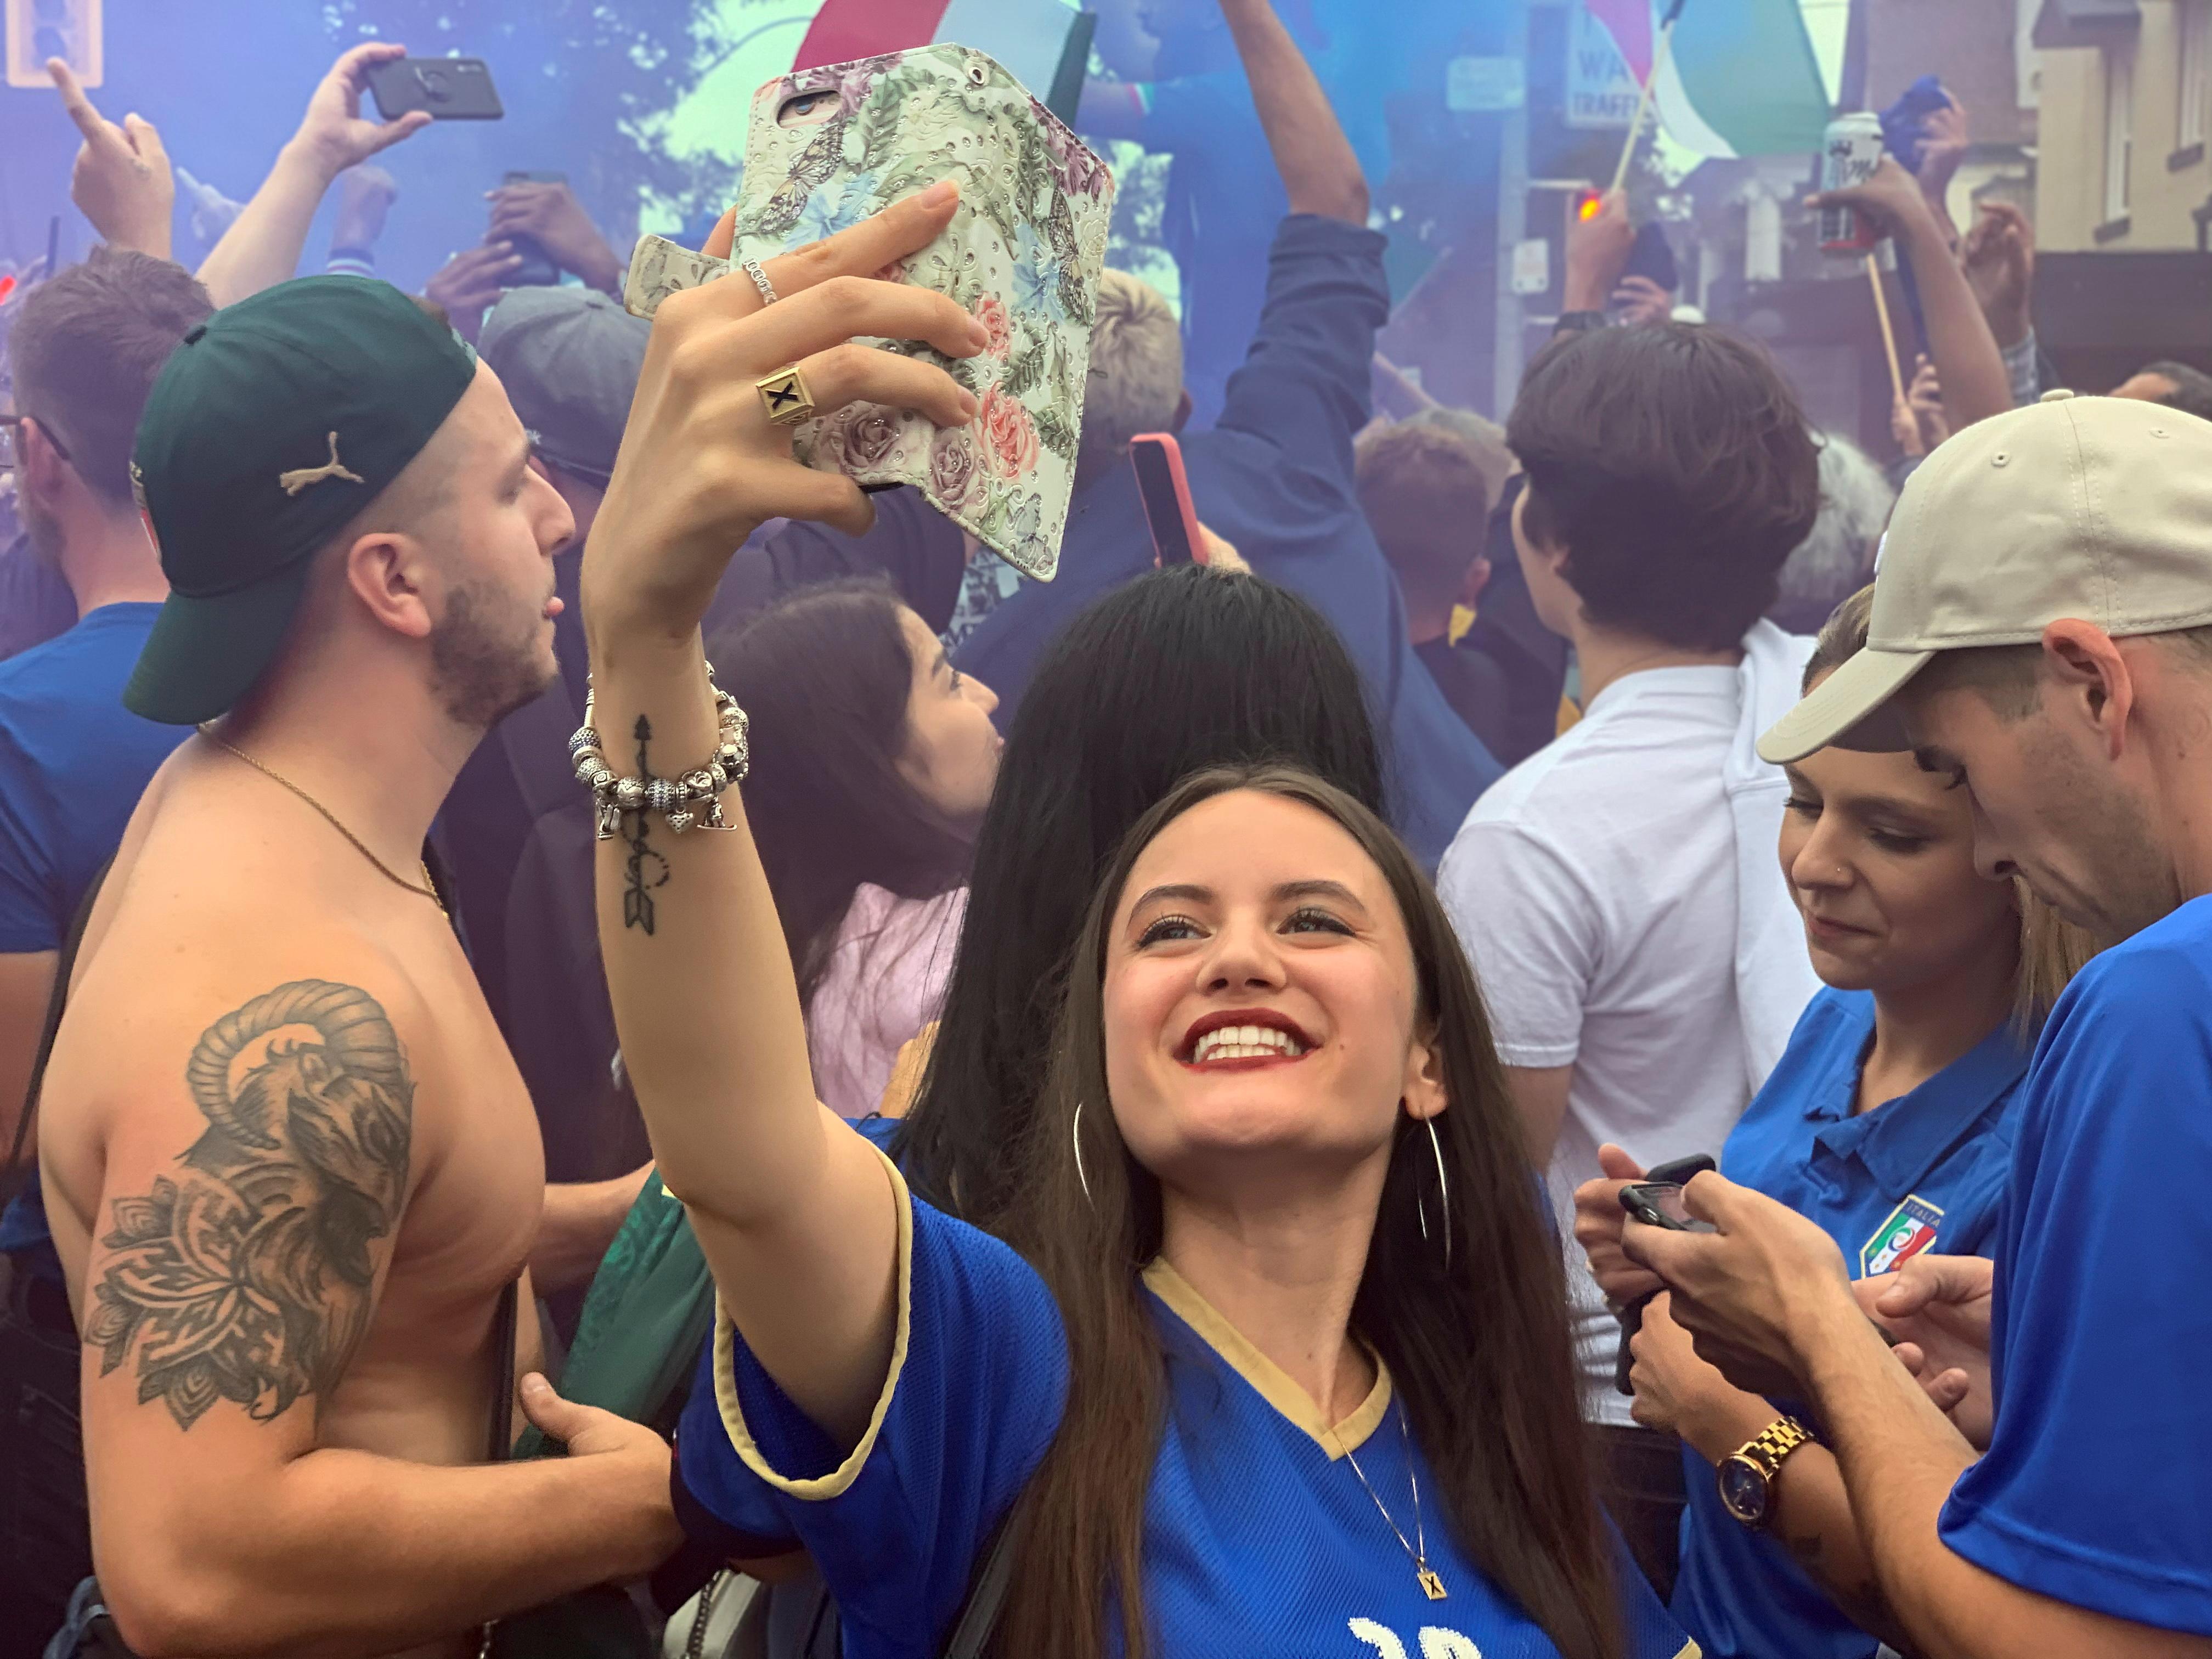 कनाडा के टोरंटो शहर में भी इटली की जीत का जश्न शानदार तरीके से मनाया गया।